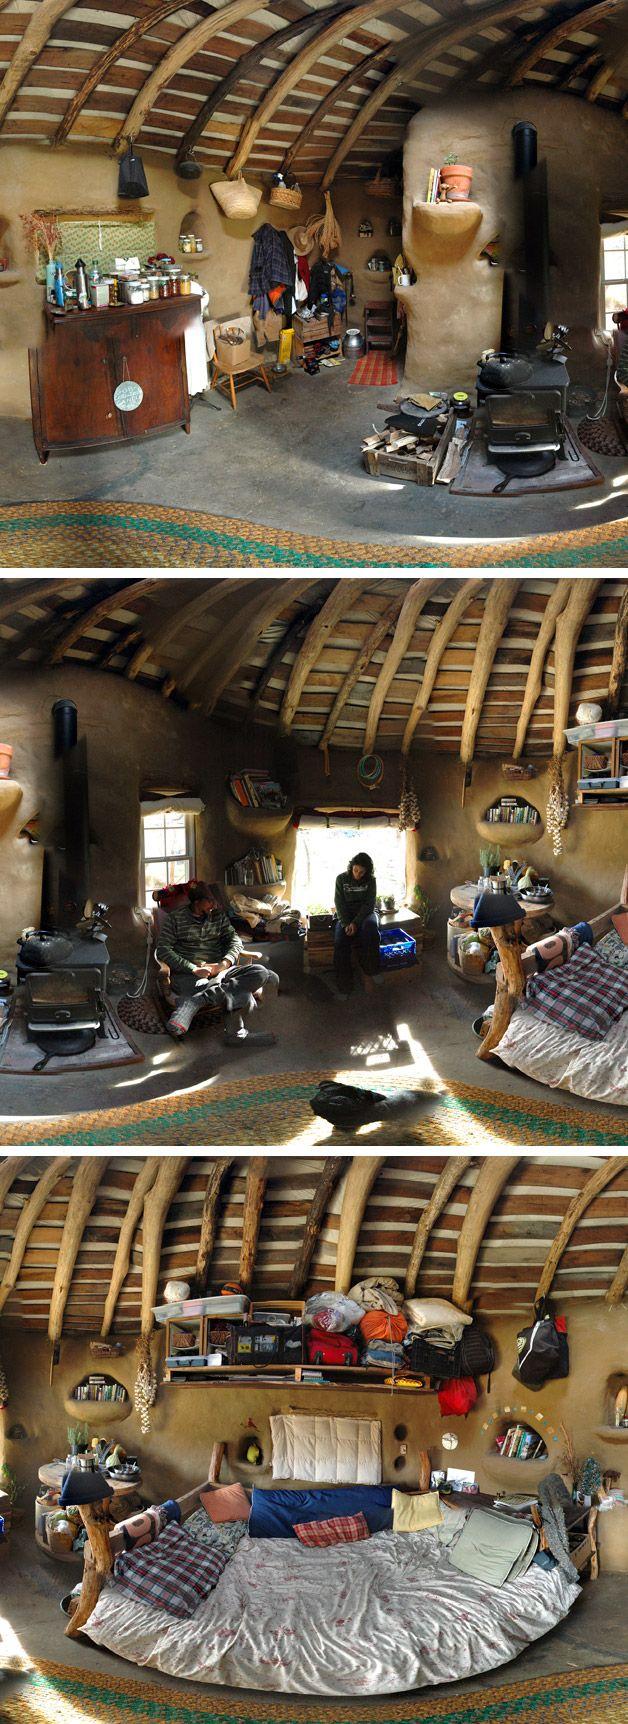 http://www.hypeness.com.br/2012/07/casa-feita-somente-com-recursos-naturais-e-gastando-quase-nada/